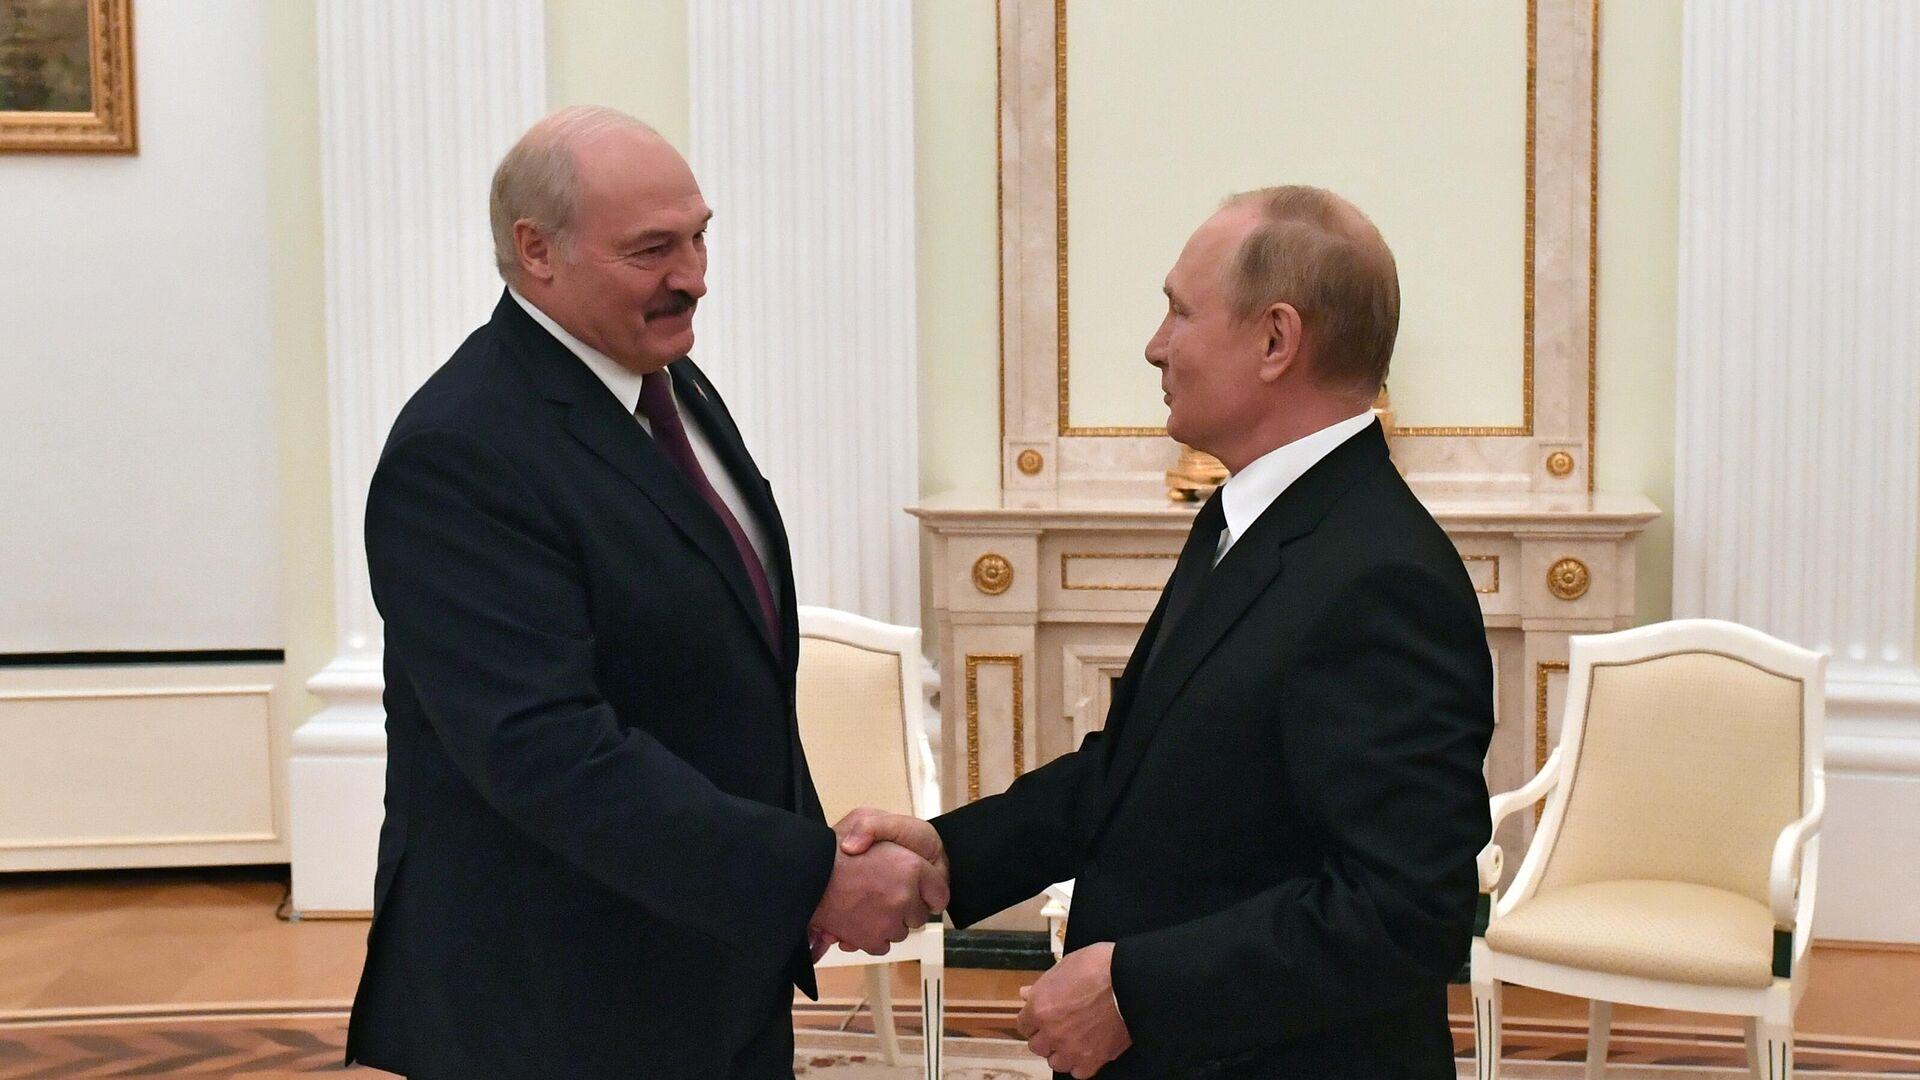 Президент Путин усмехнулся после слов Лукашенко о поглощении Белоруссии